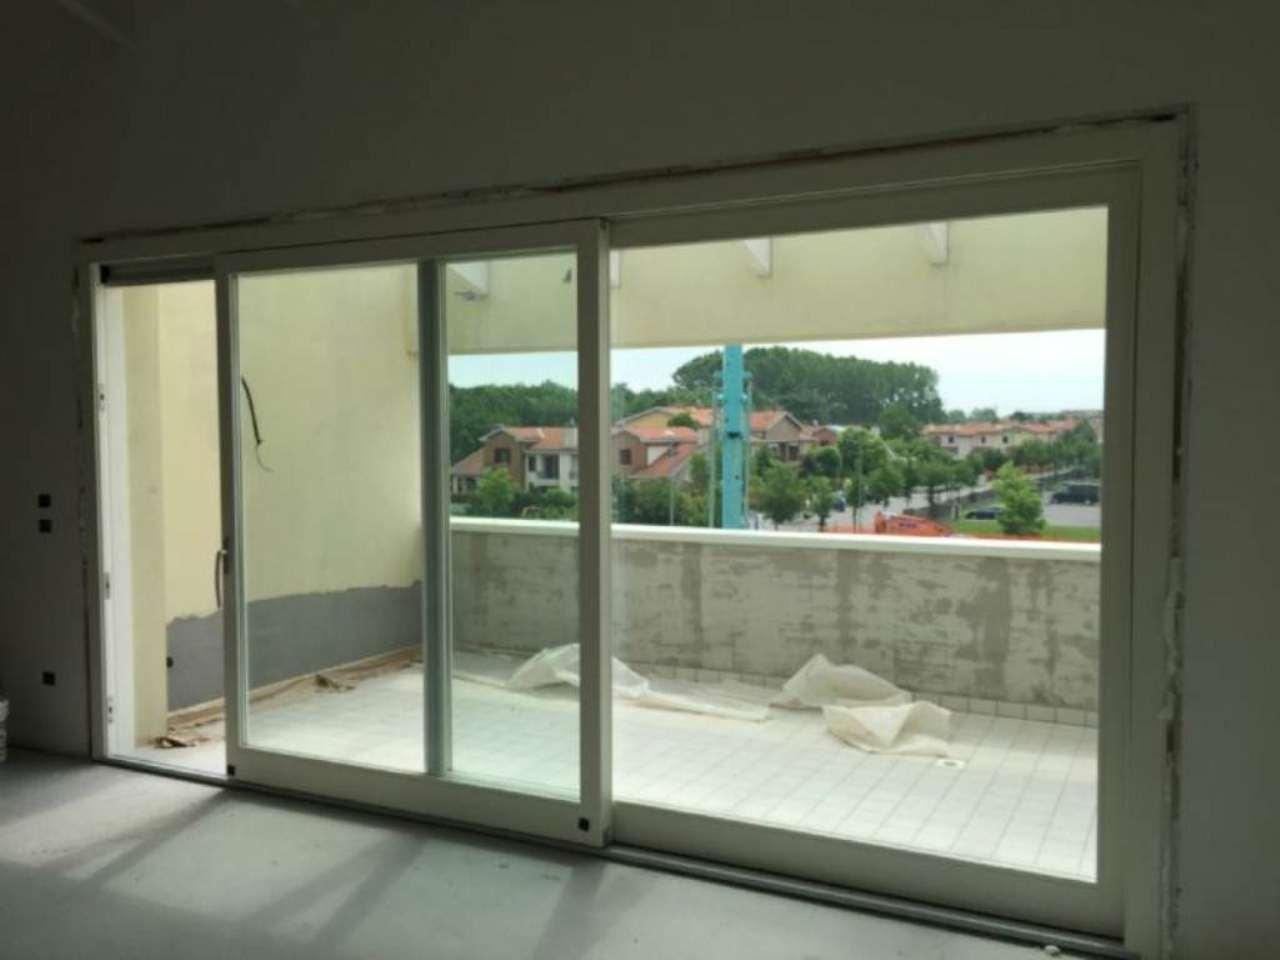 Attico / Mansarda in vendita a San Donà di Piave, 5 locali, prezzo € 295.000 | Cambio Casa.it